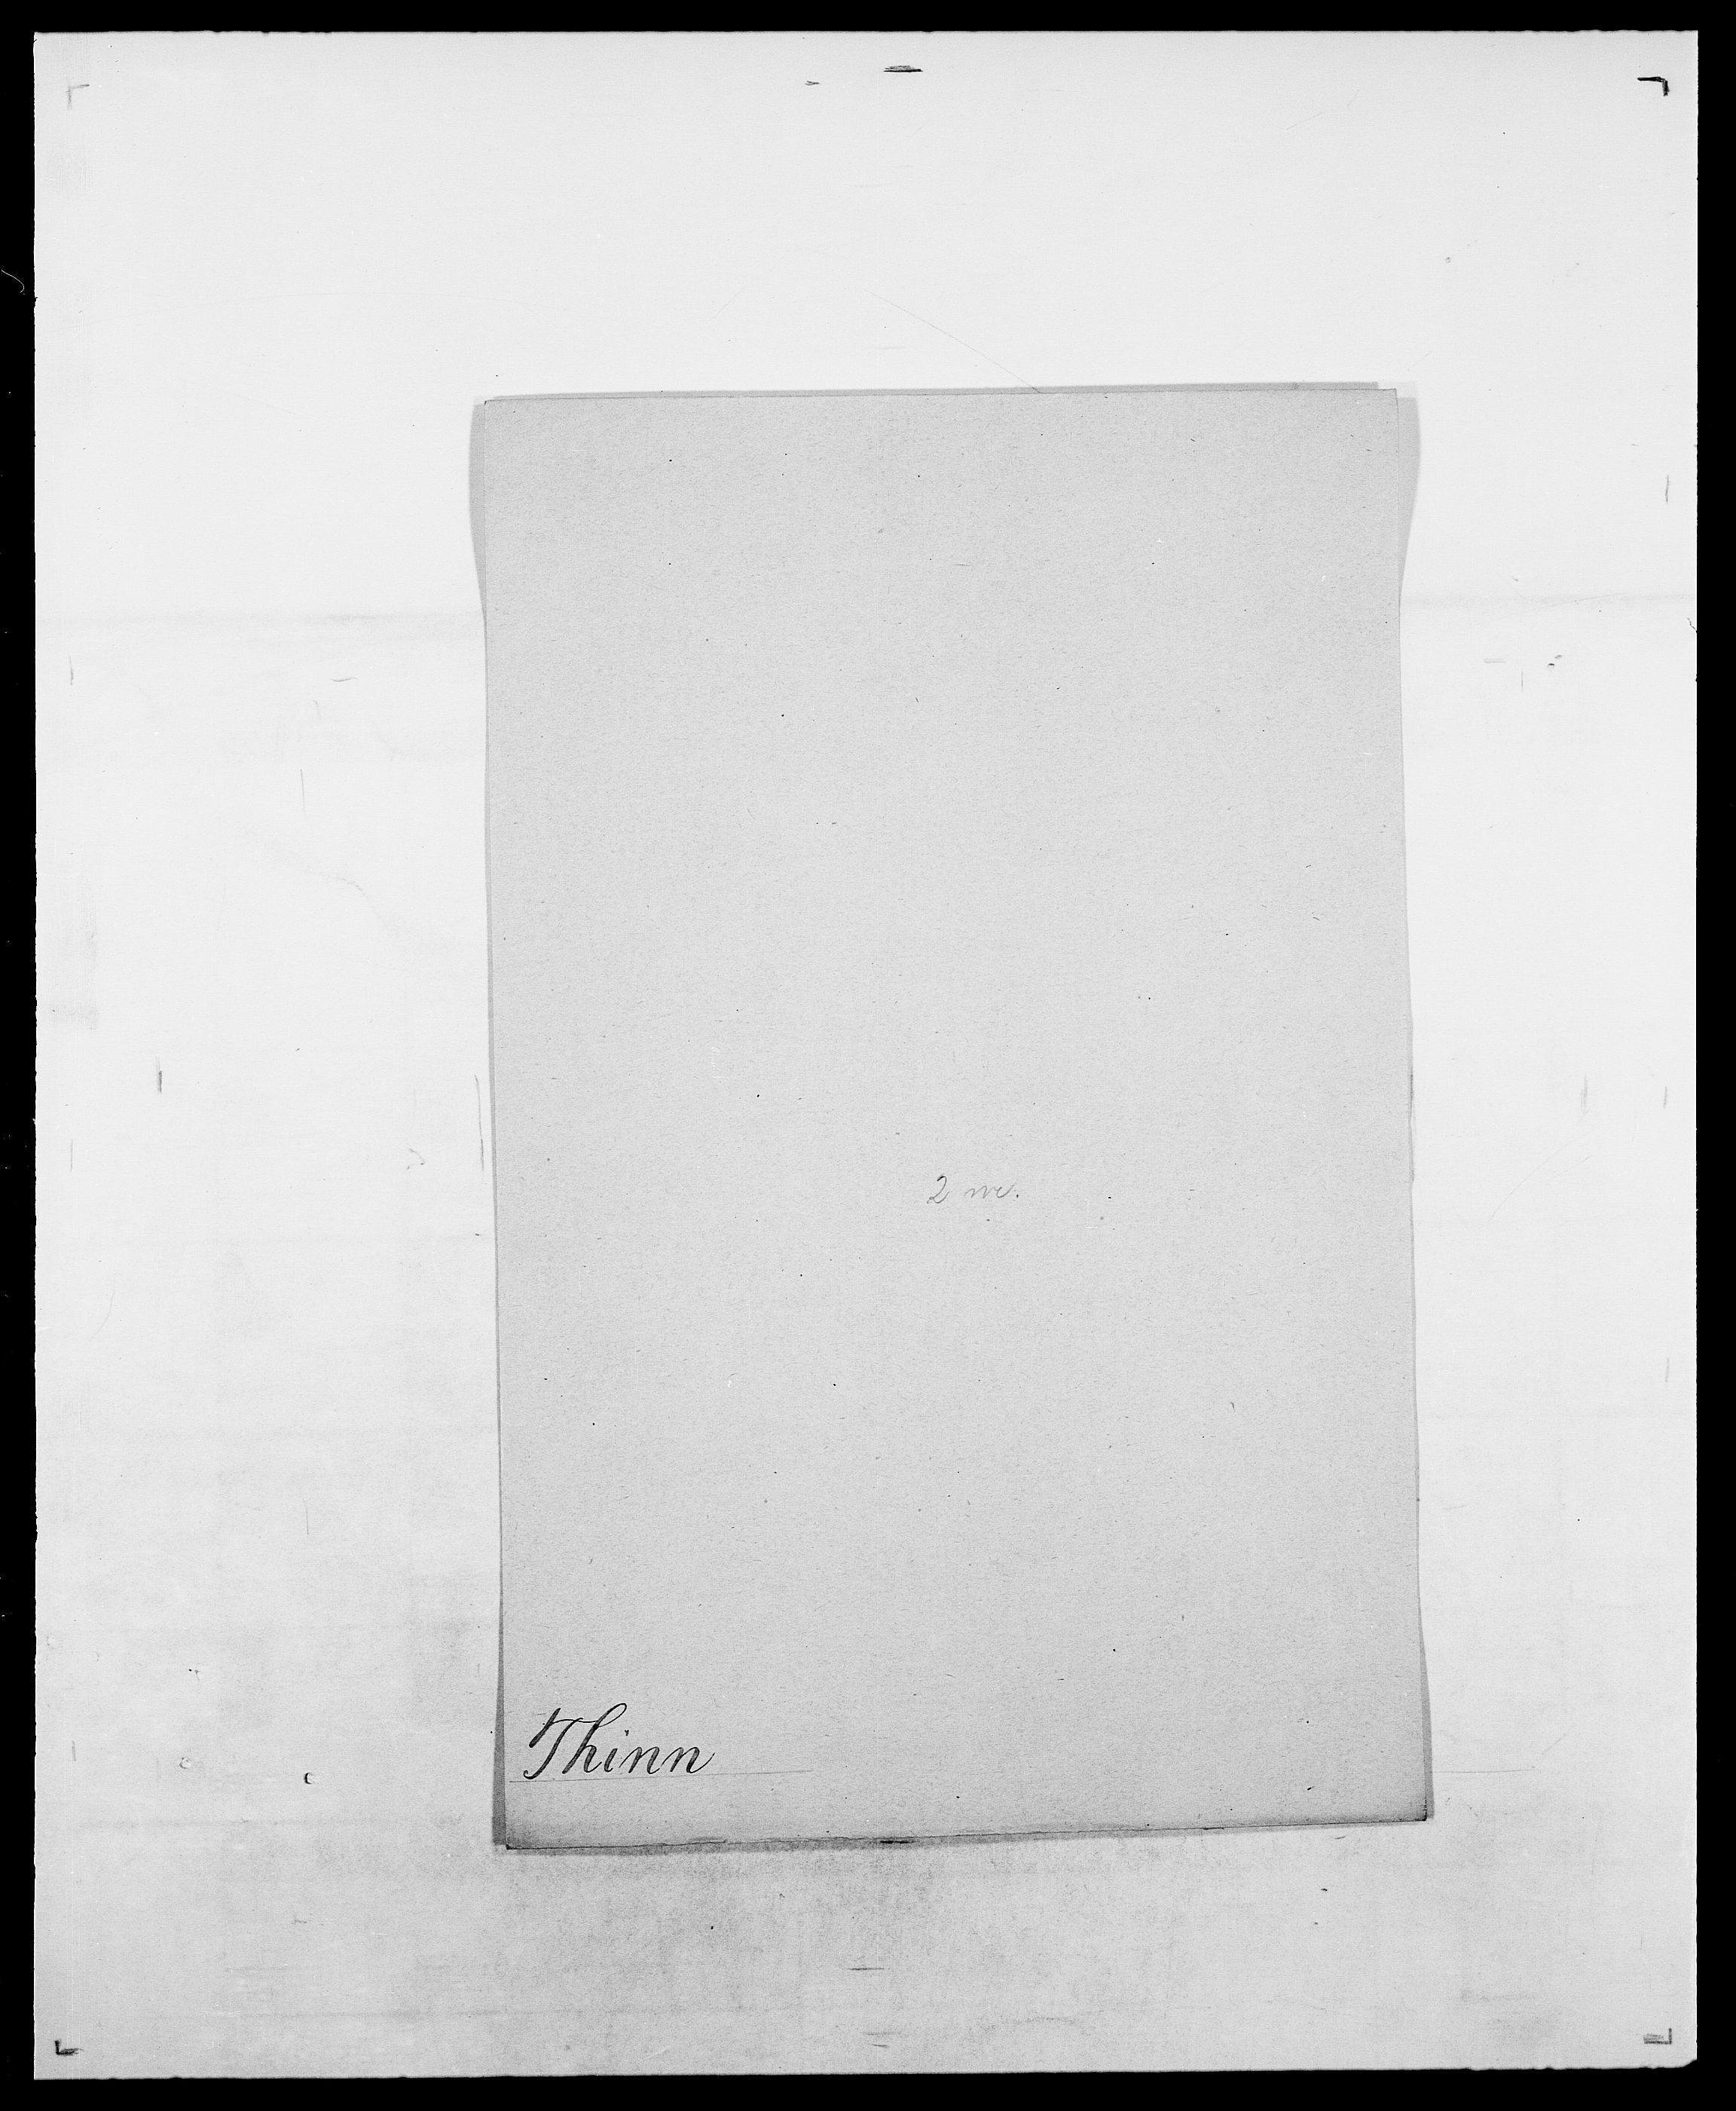 SAO, Delgobe, Charles Antoine - samling, D/Da/L0038: Svanenskjold - Thornsohn, s. 730